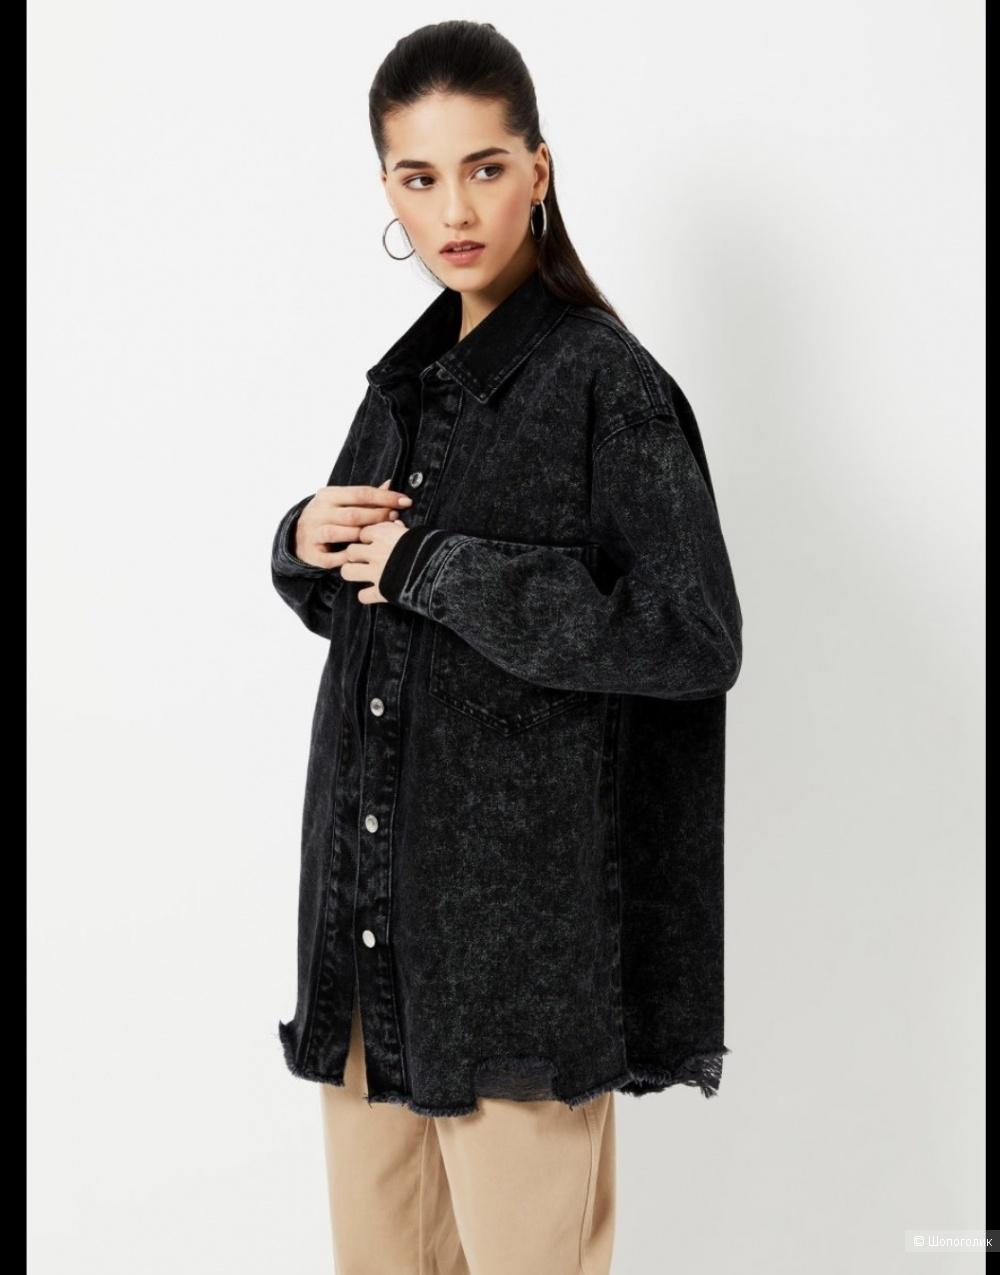 Куртка женская Sela. Размер L на 46-48 российский.